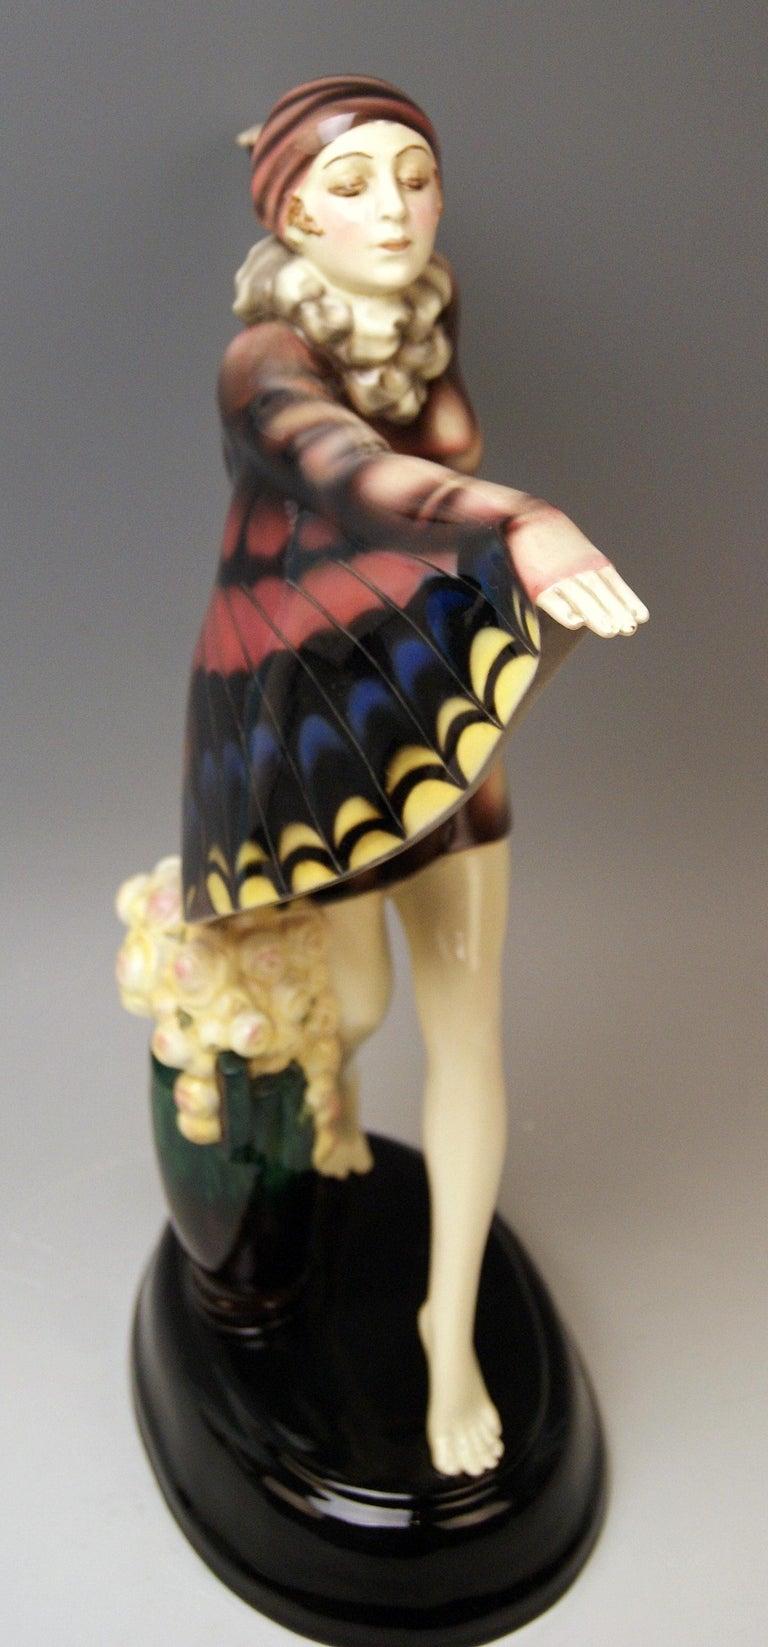 Painted Goldscheider Vienna Lorenzl Dancing Butterfly Lady Captured Bird Nr.5230 For Sale